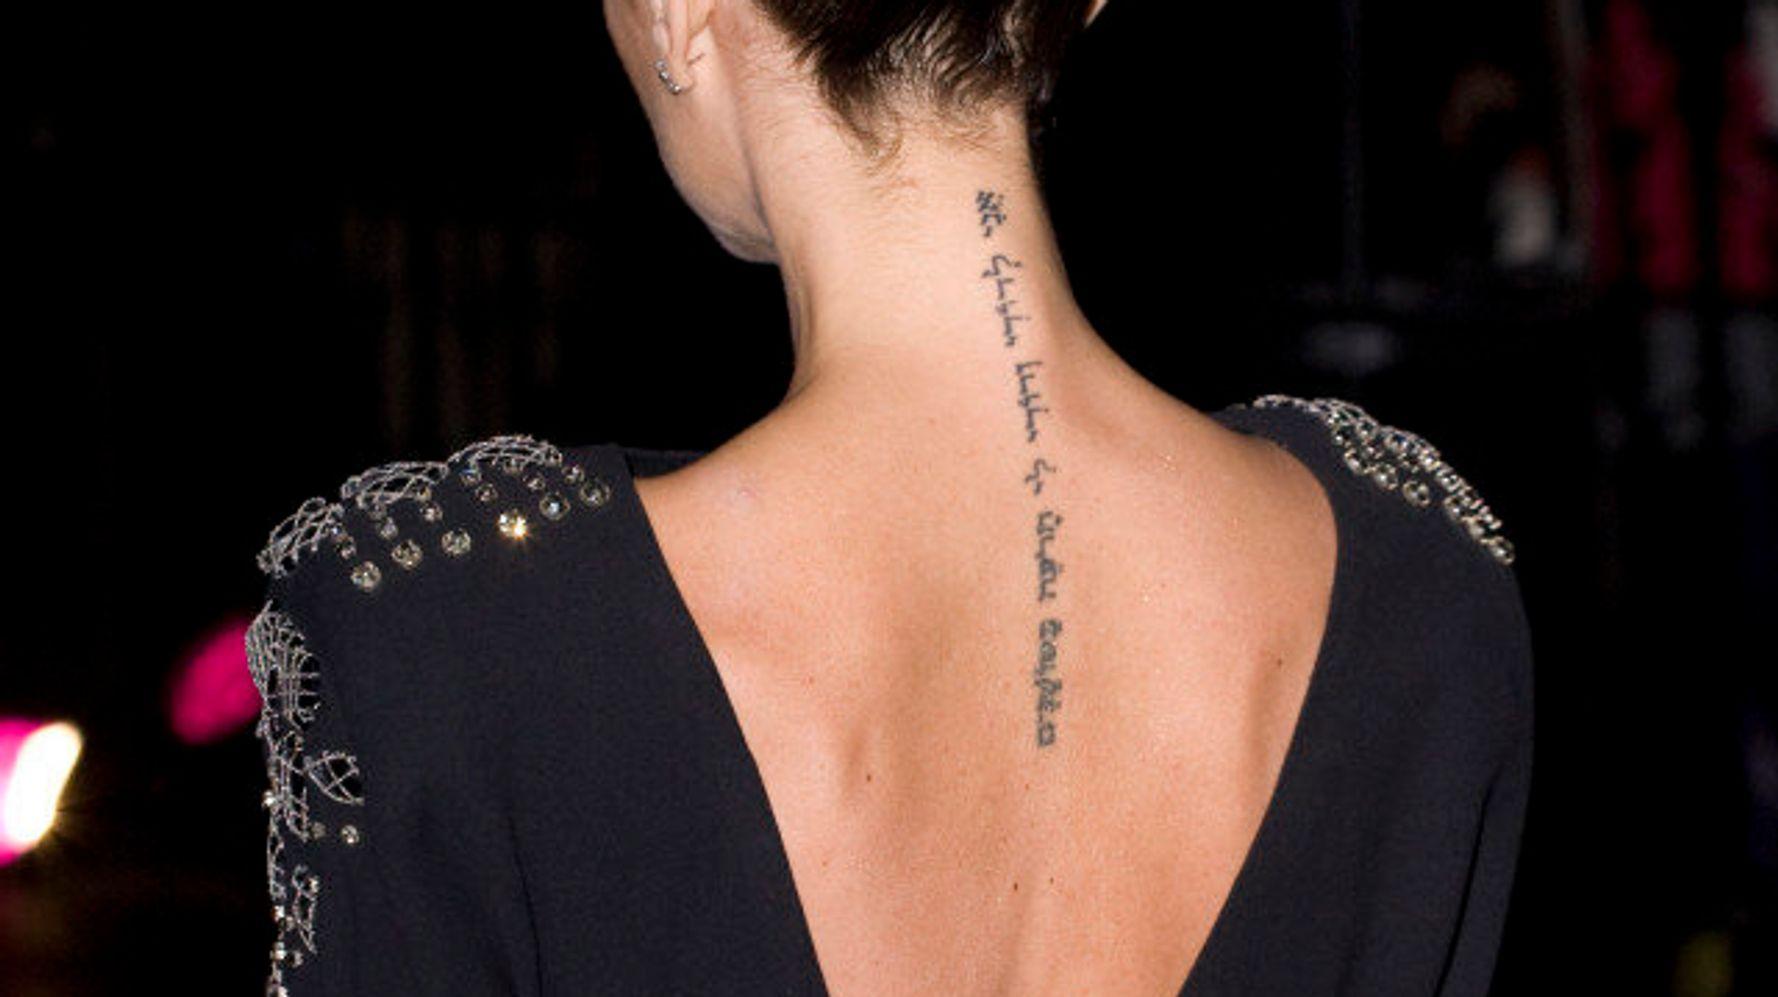 Les stars tatouées: des tatouages sur des corps célèbres (PHOTOS/VIDÉO)   HuffPost Québec Vivre